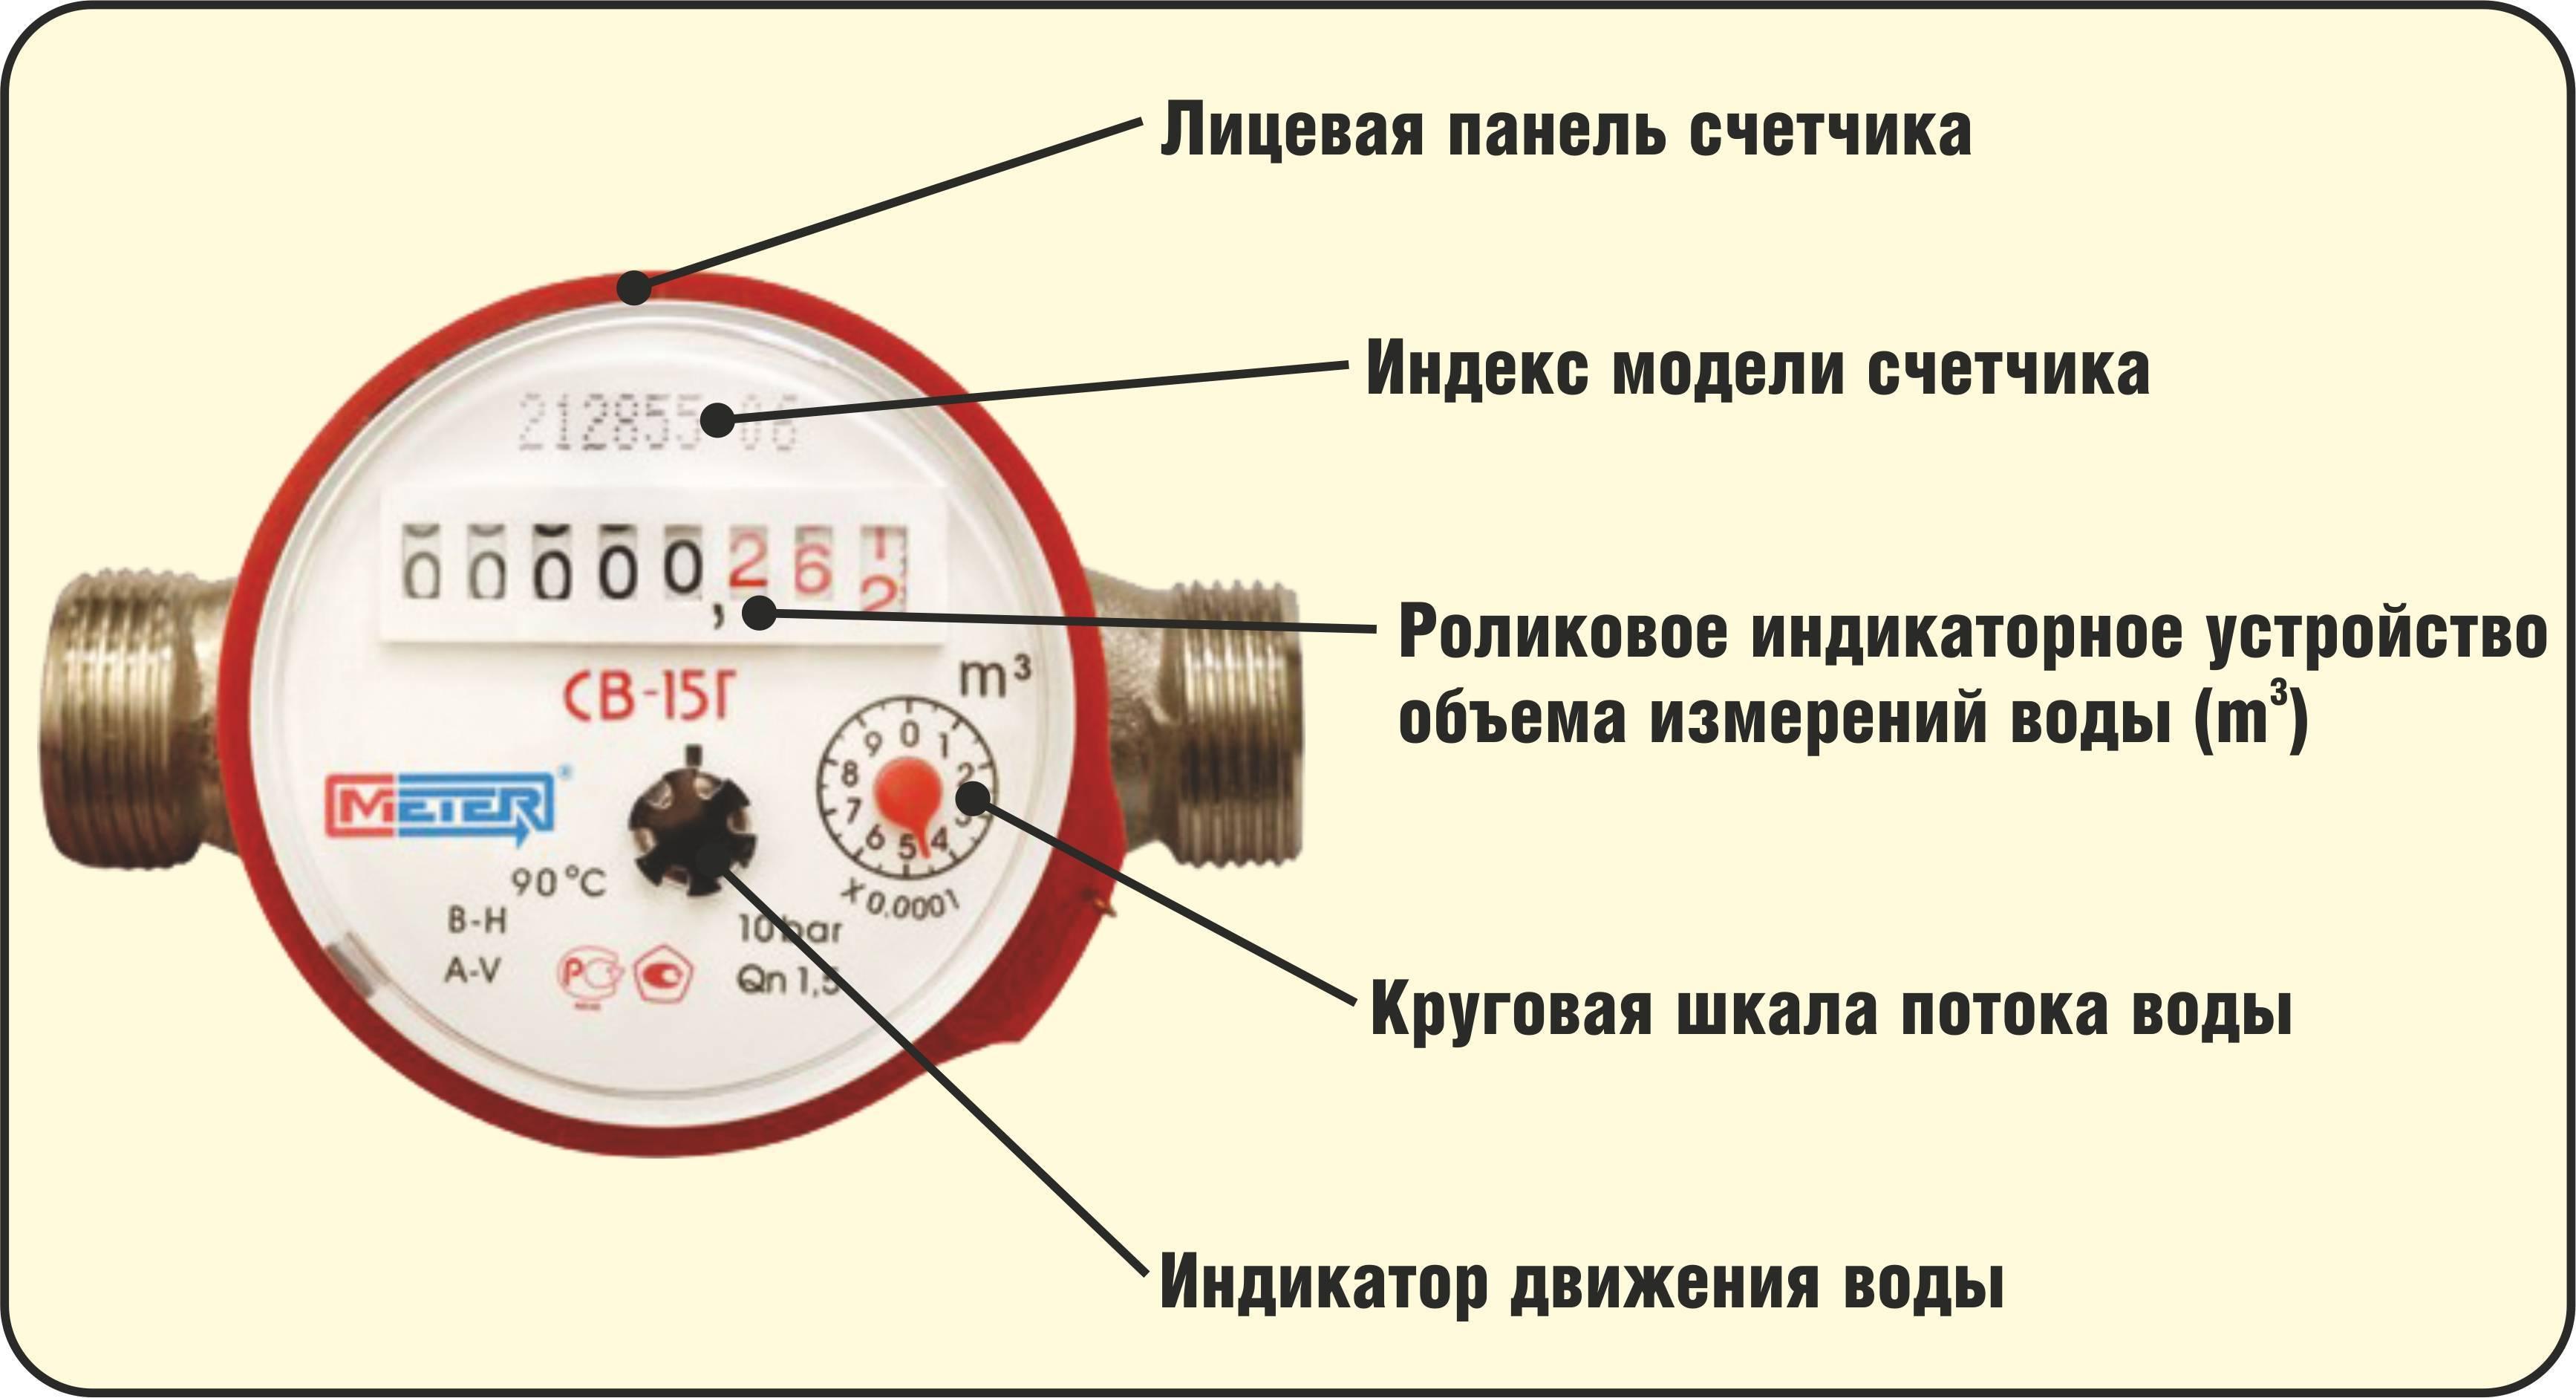 Как установить счетчик на воду в квартире самому